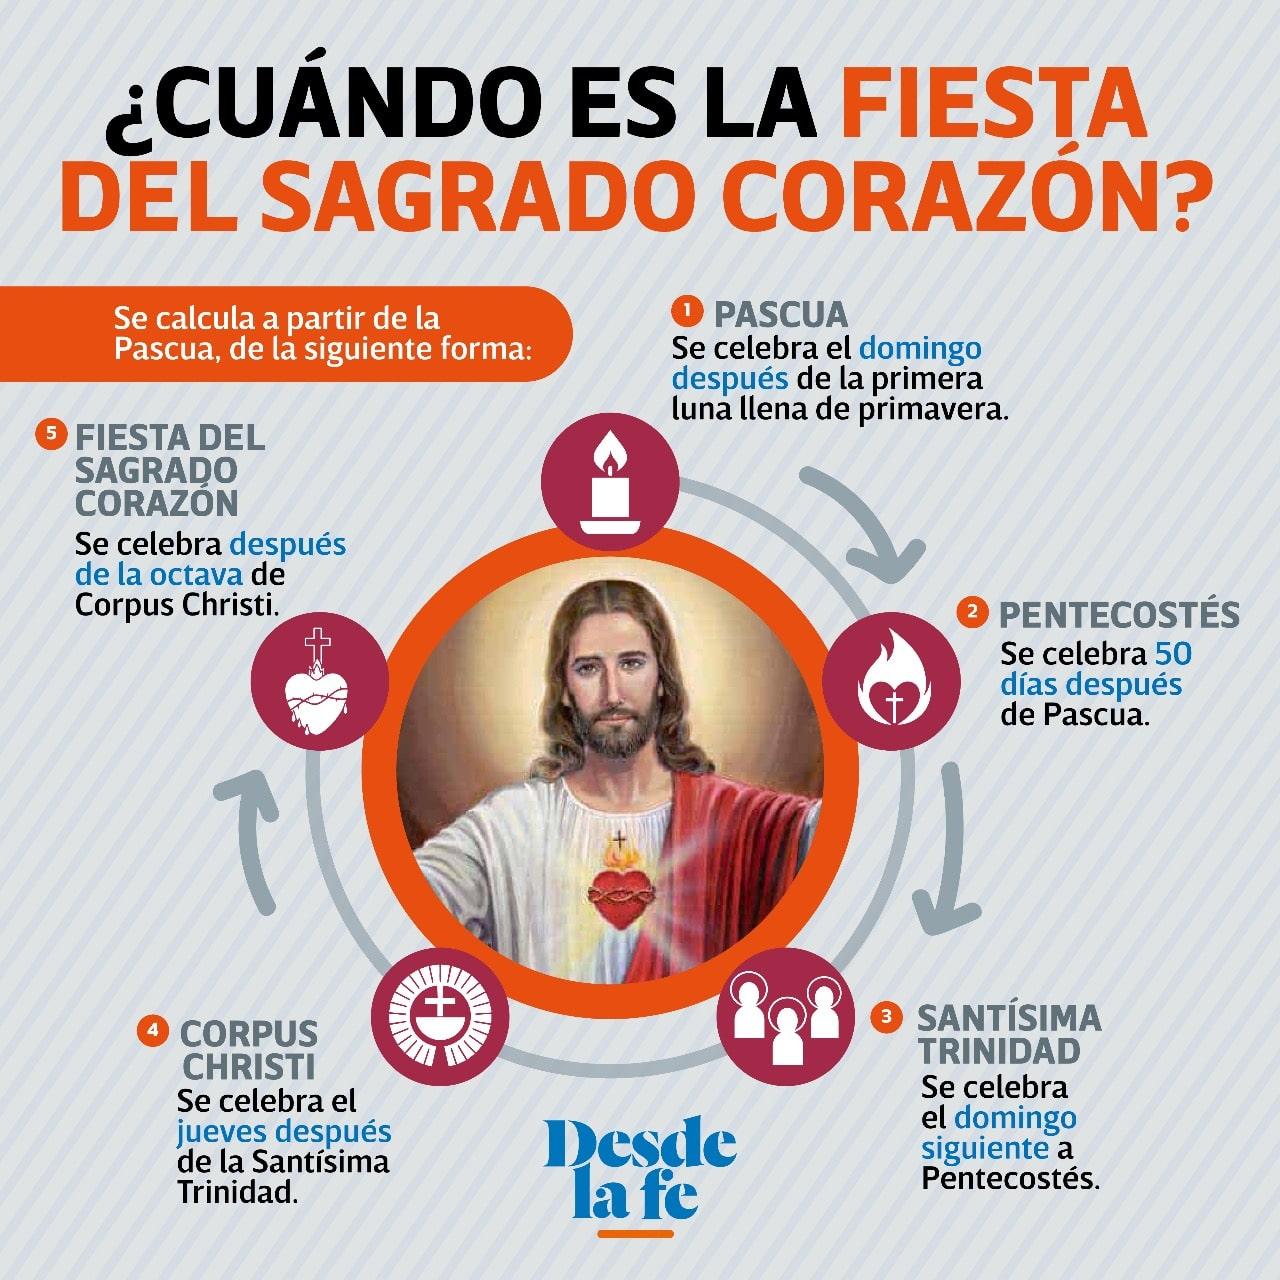 Así puedes saber cuándo es la fiesta del Sagrado Corazón de Jesús.